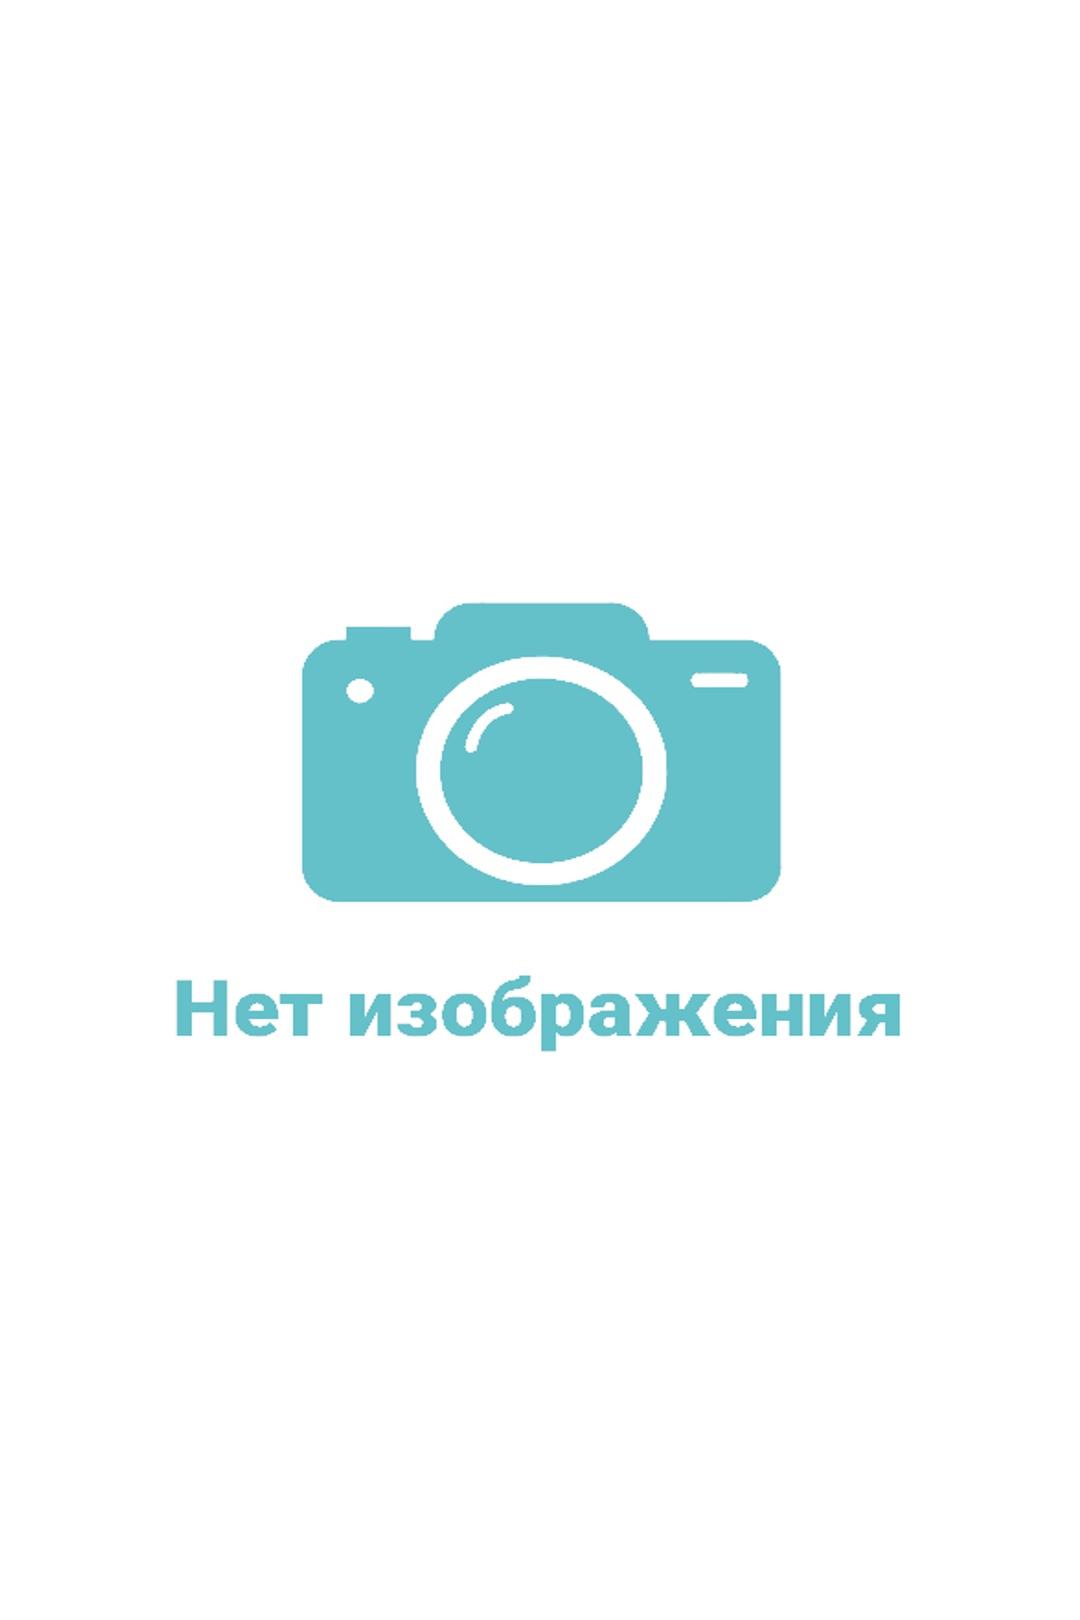 Уролог Рослик Сергей Сергеевич